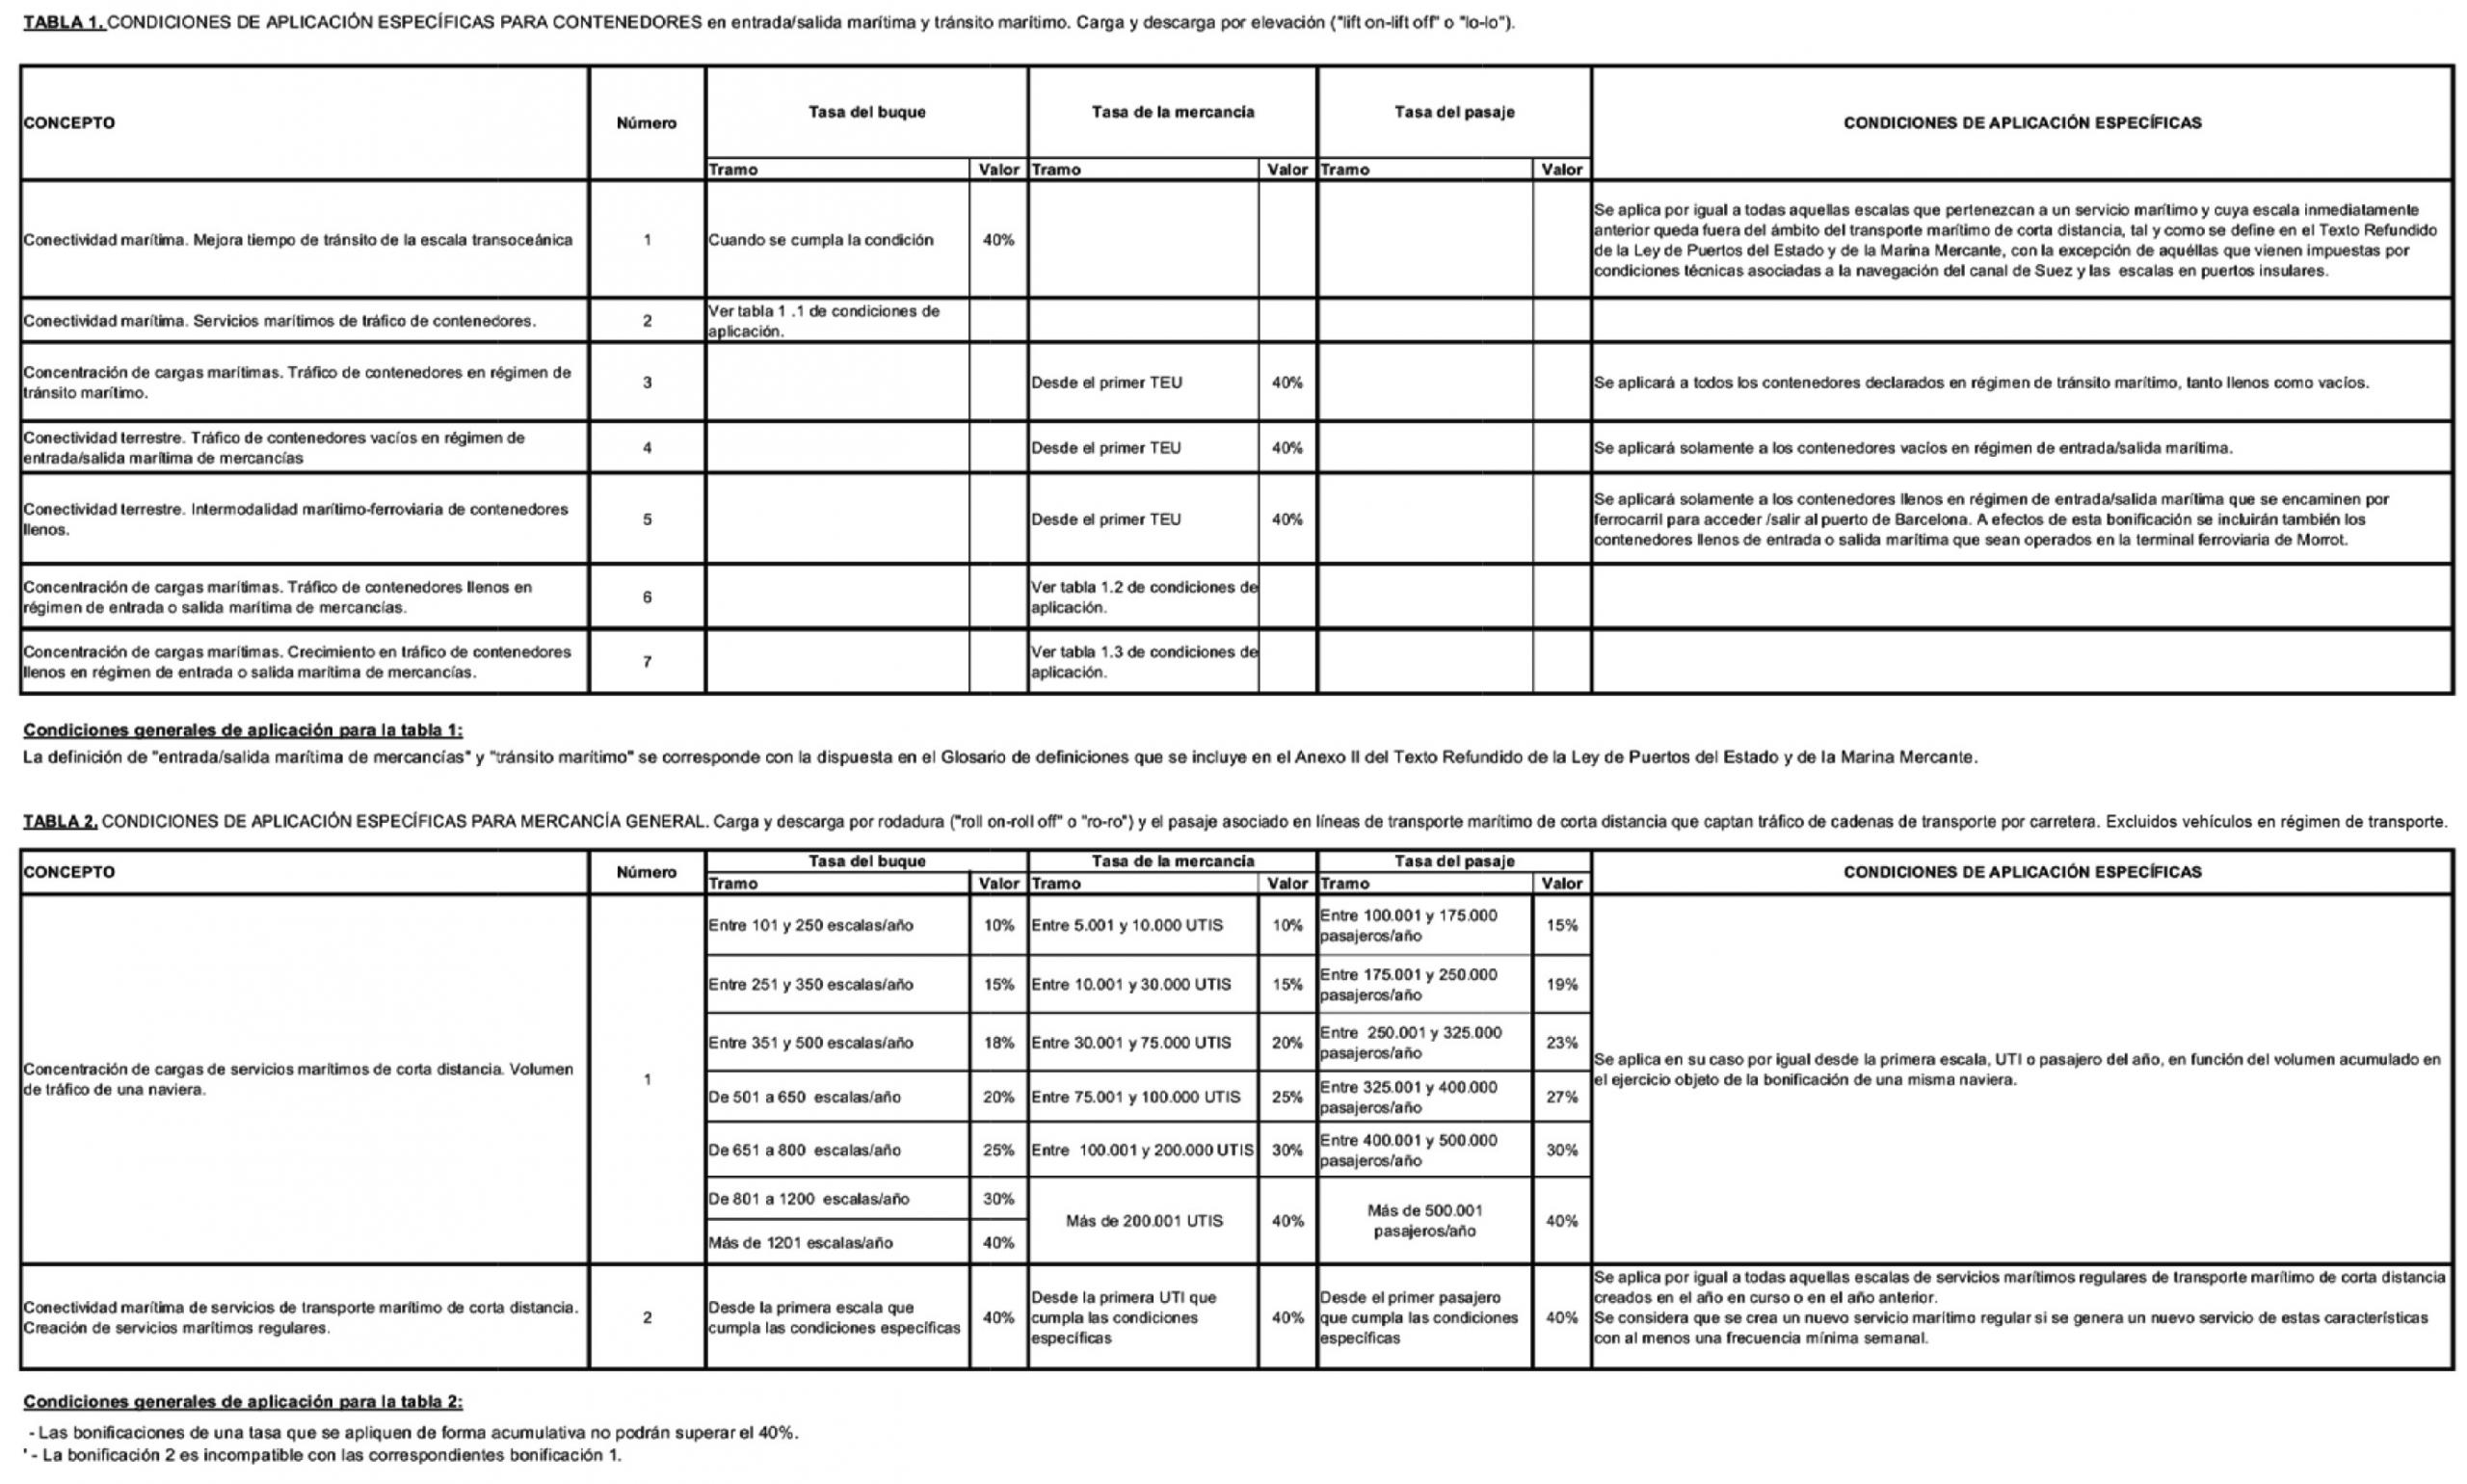 Calendario Laboral 2020 Catalunya Gencat Más Recientes Boe Documento Consolidado Boe A 2018 9268 Of Calendario Laboral 2020 Catalunya Gencat Más Reciente Boe Documento Consolidado Boe A 2018 9268